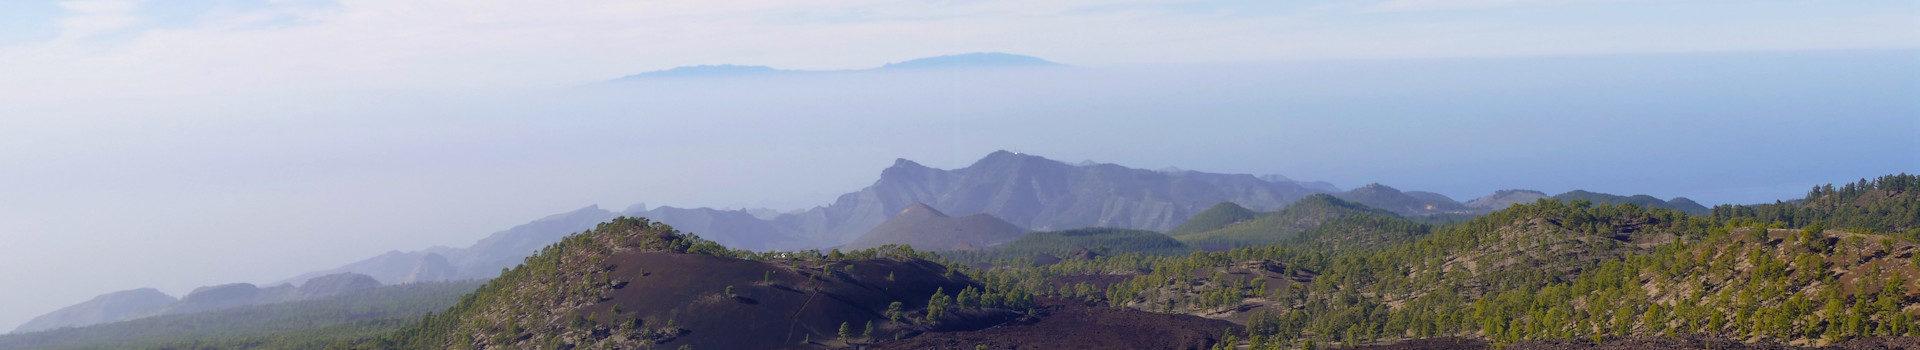 Montaña Sámara (1.936 m) – Montaña de la Botija (2.122 m)